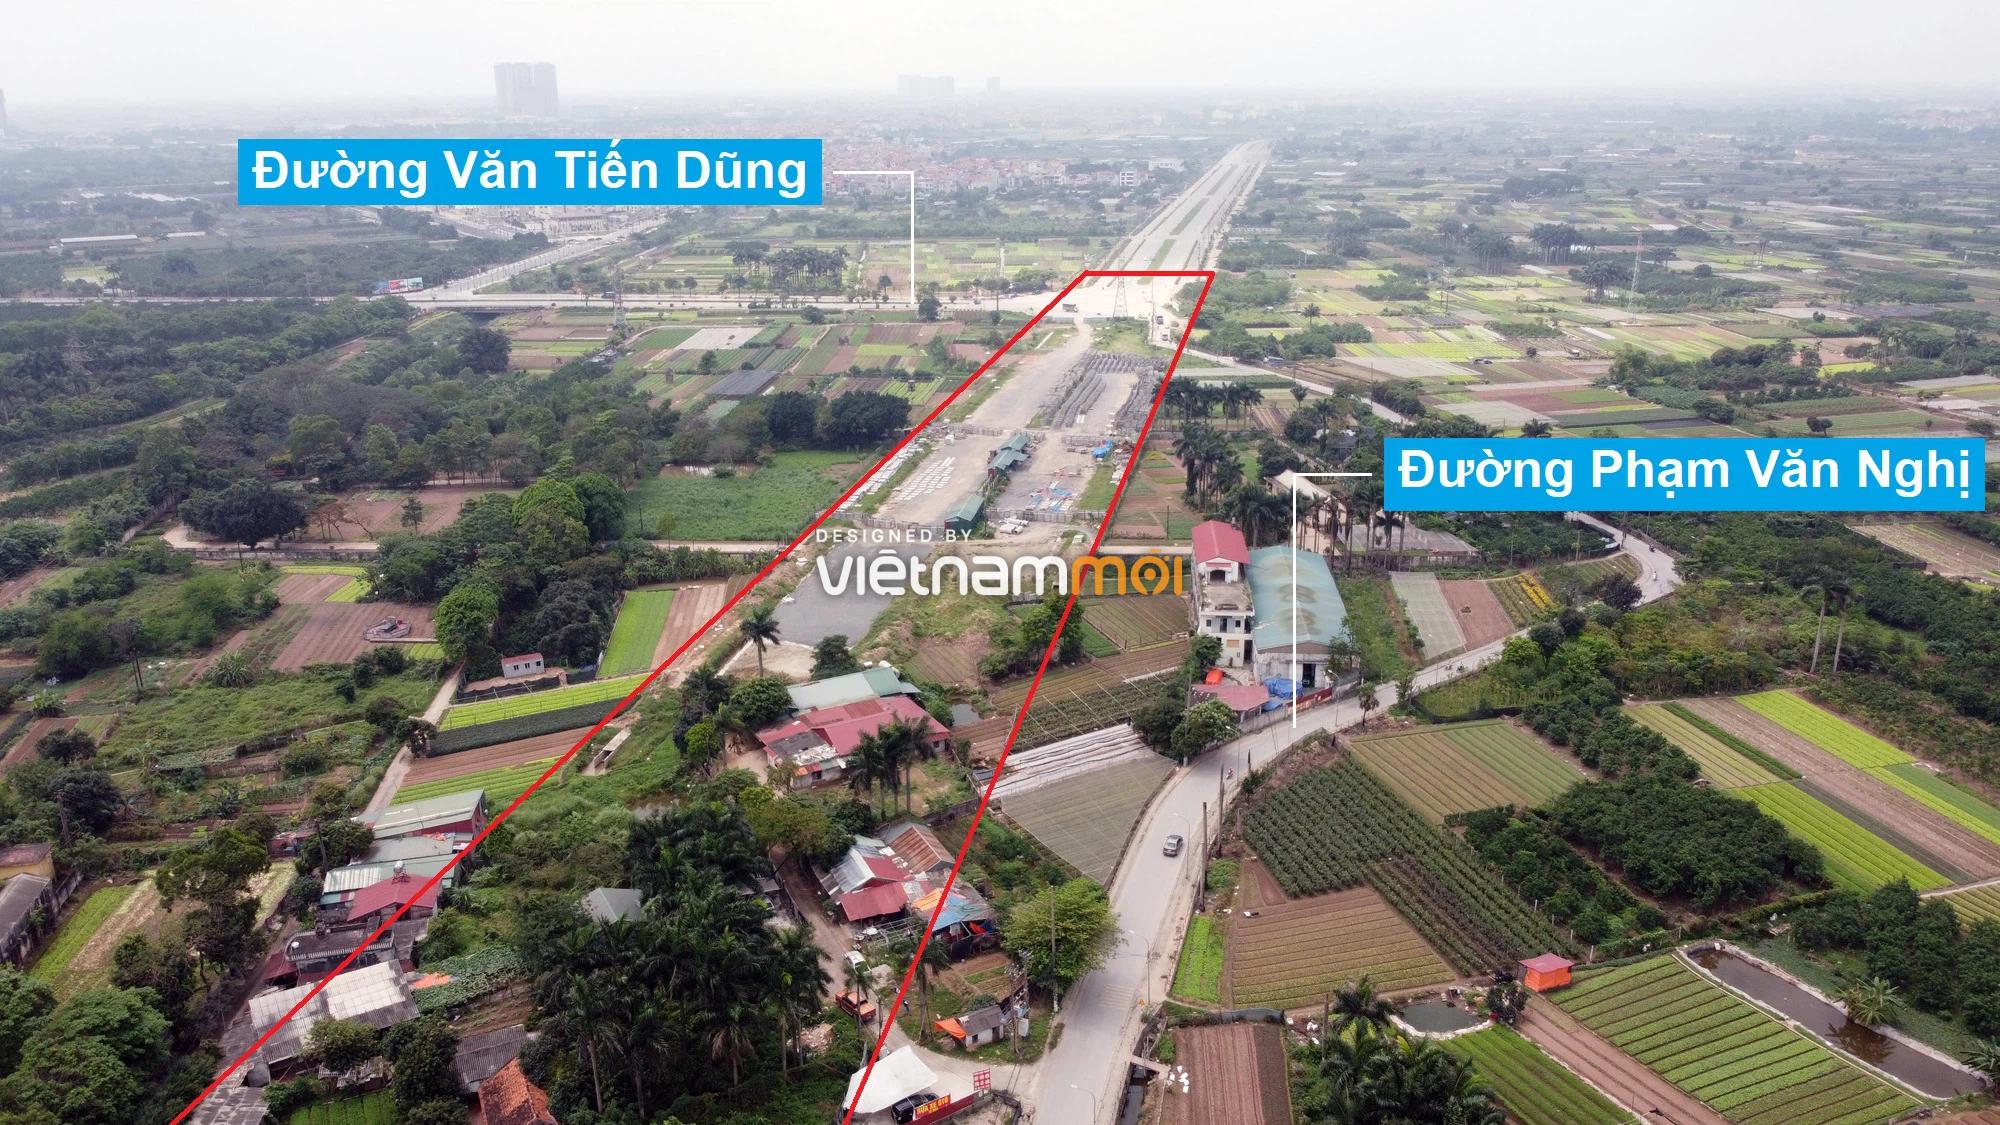 Những khu đất sắp thu hồi để mở đường ở quận Bắc Từ Liêm, Hà Nội (phần 2) - Ảnh 3.